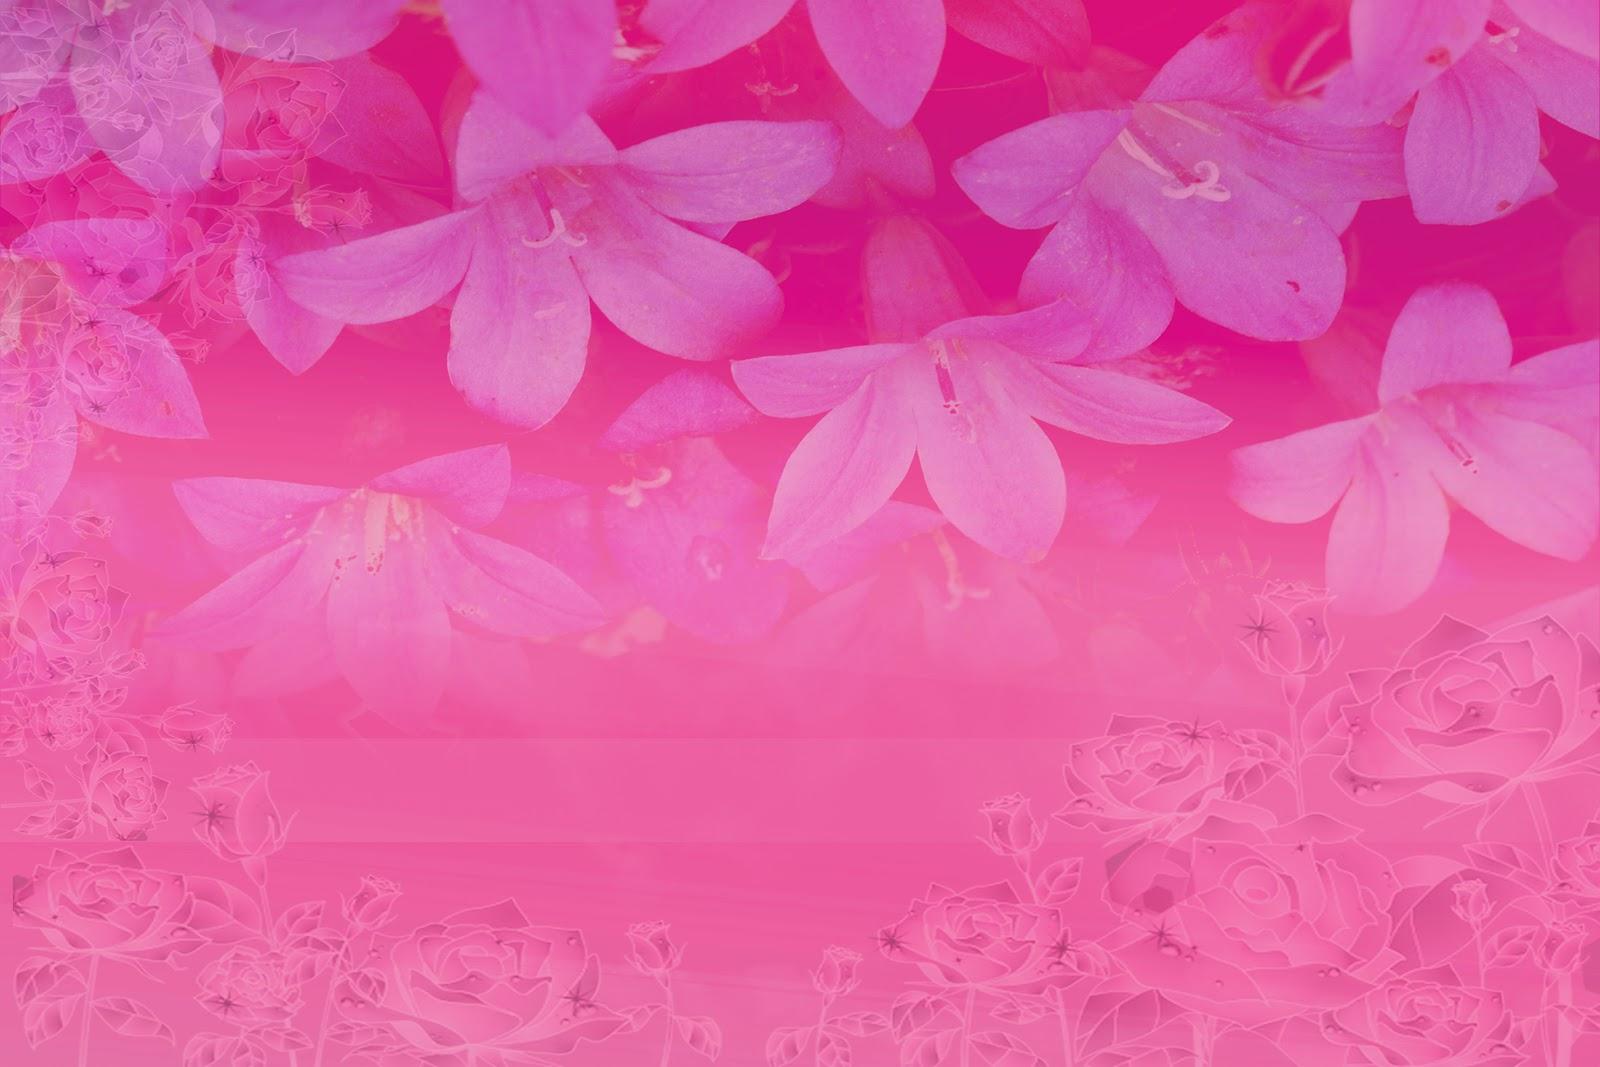 http://3.bp.blogspot.com/-onM-NinuBuA/T_cebdOd9II/AAAAAAAABE0/jTt9n1FlNXw/s1600/1.jpg